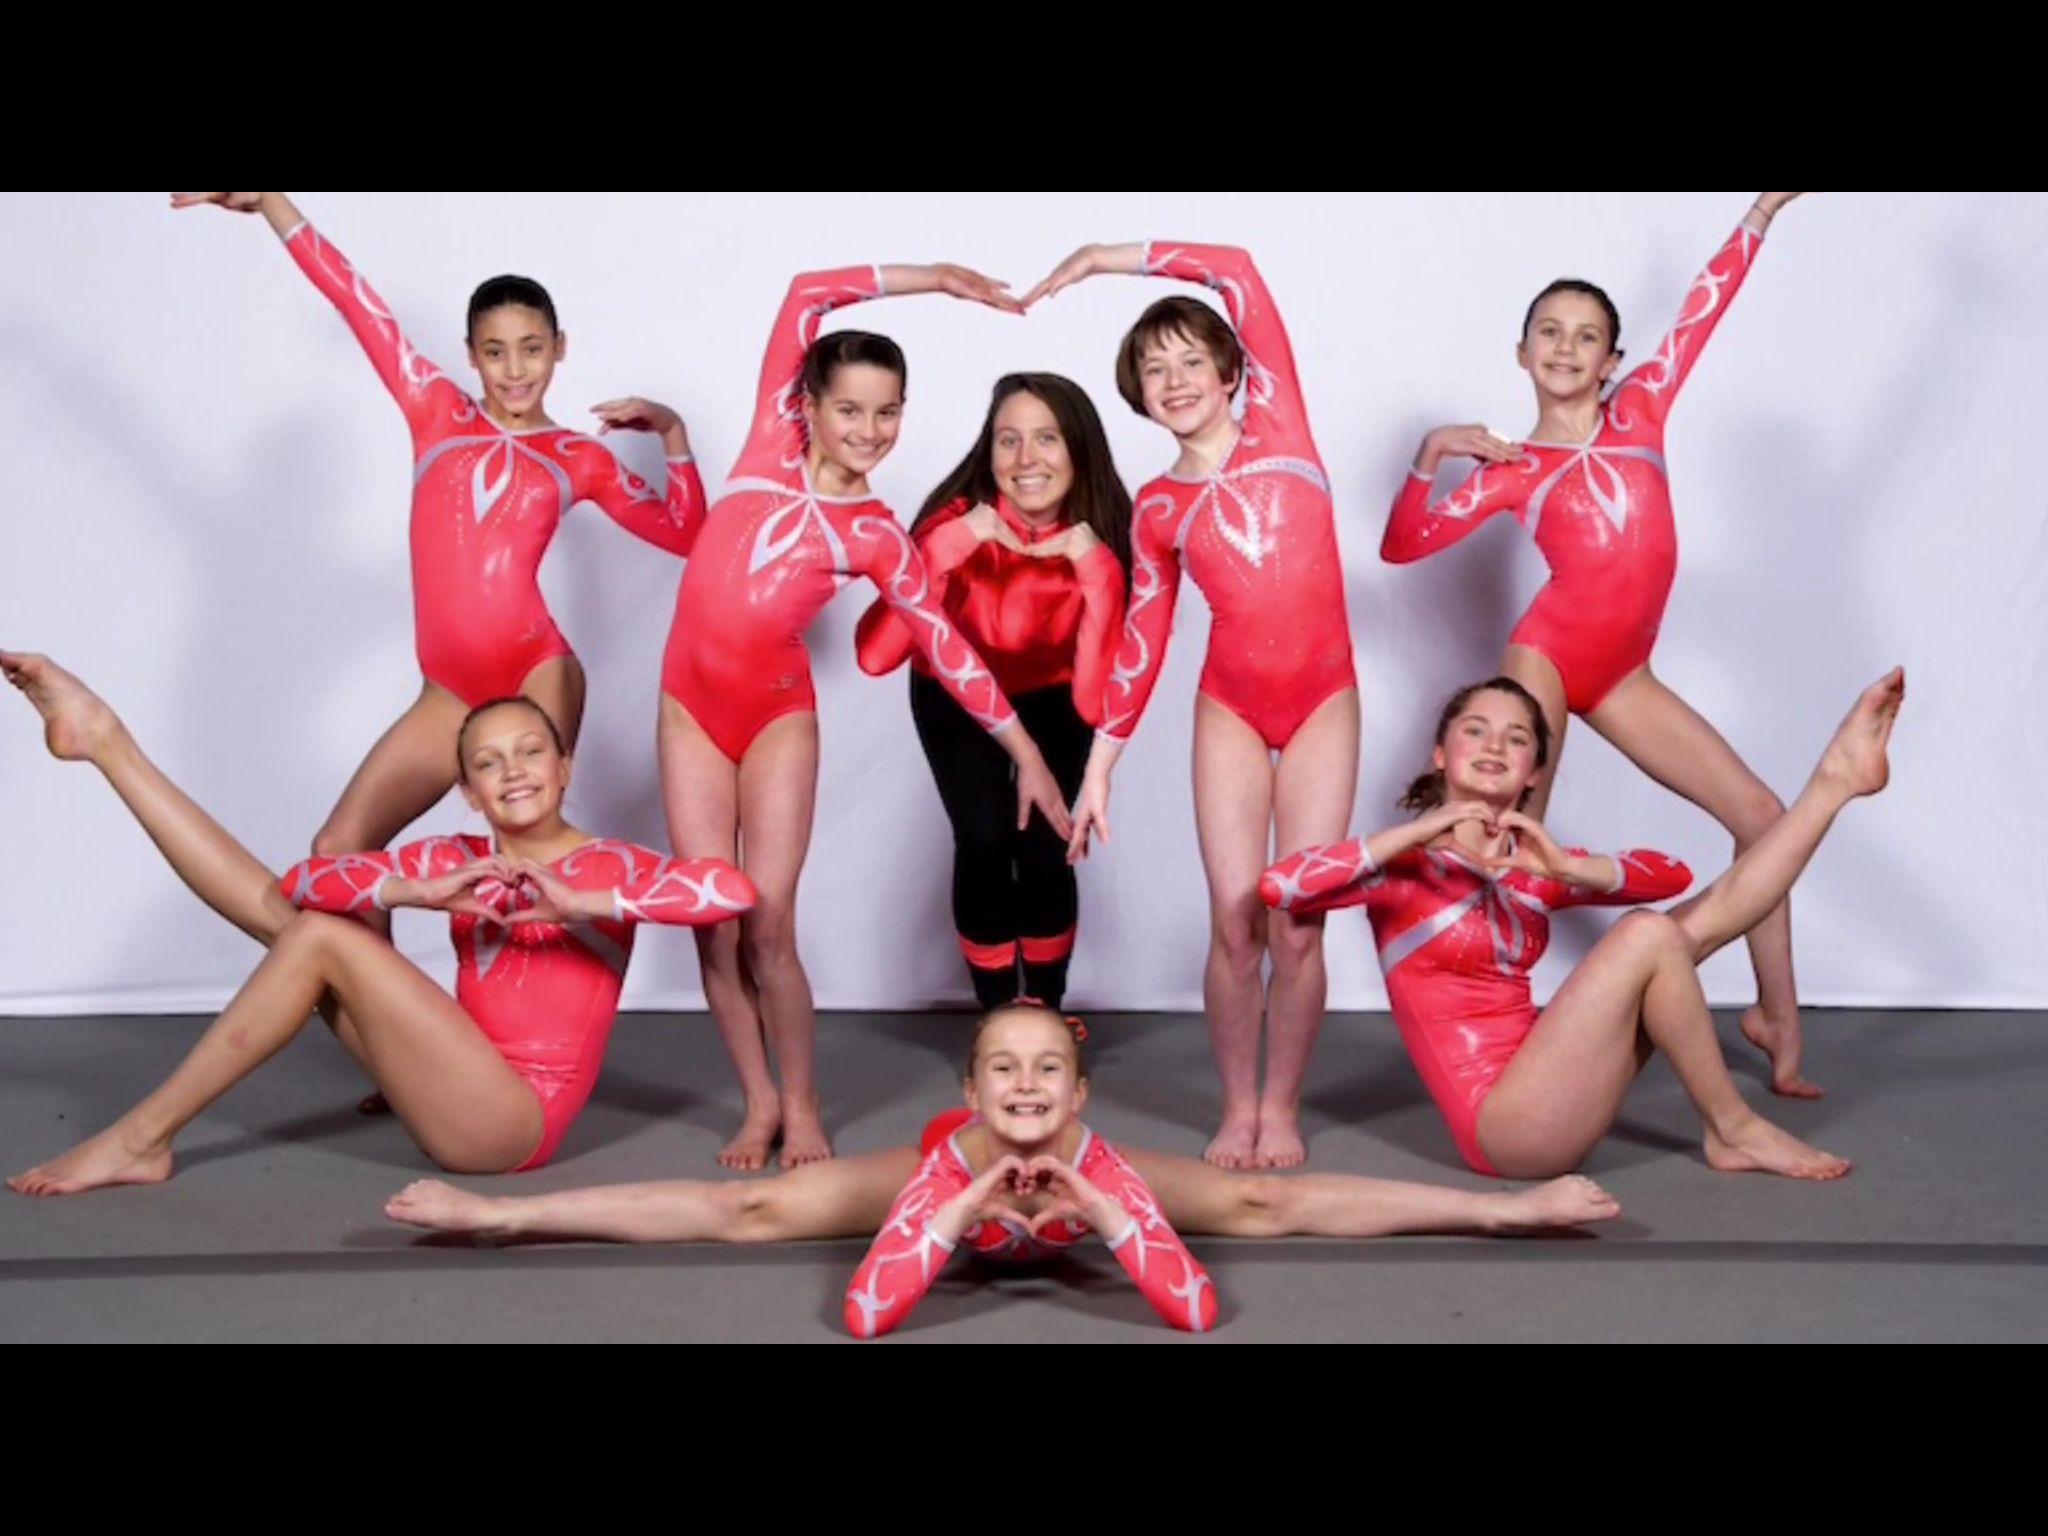 annie the gymnast level 8 meet